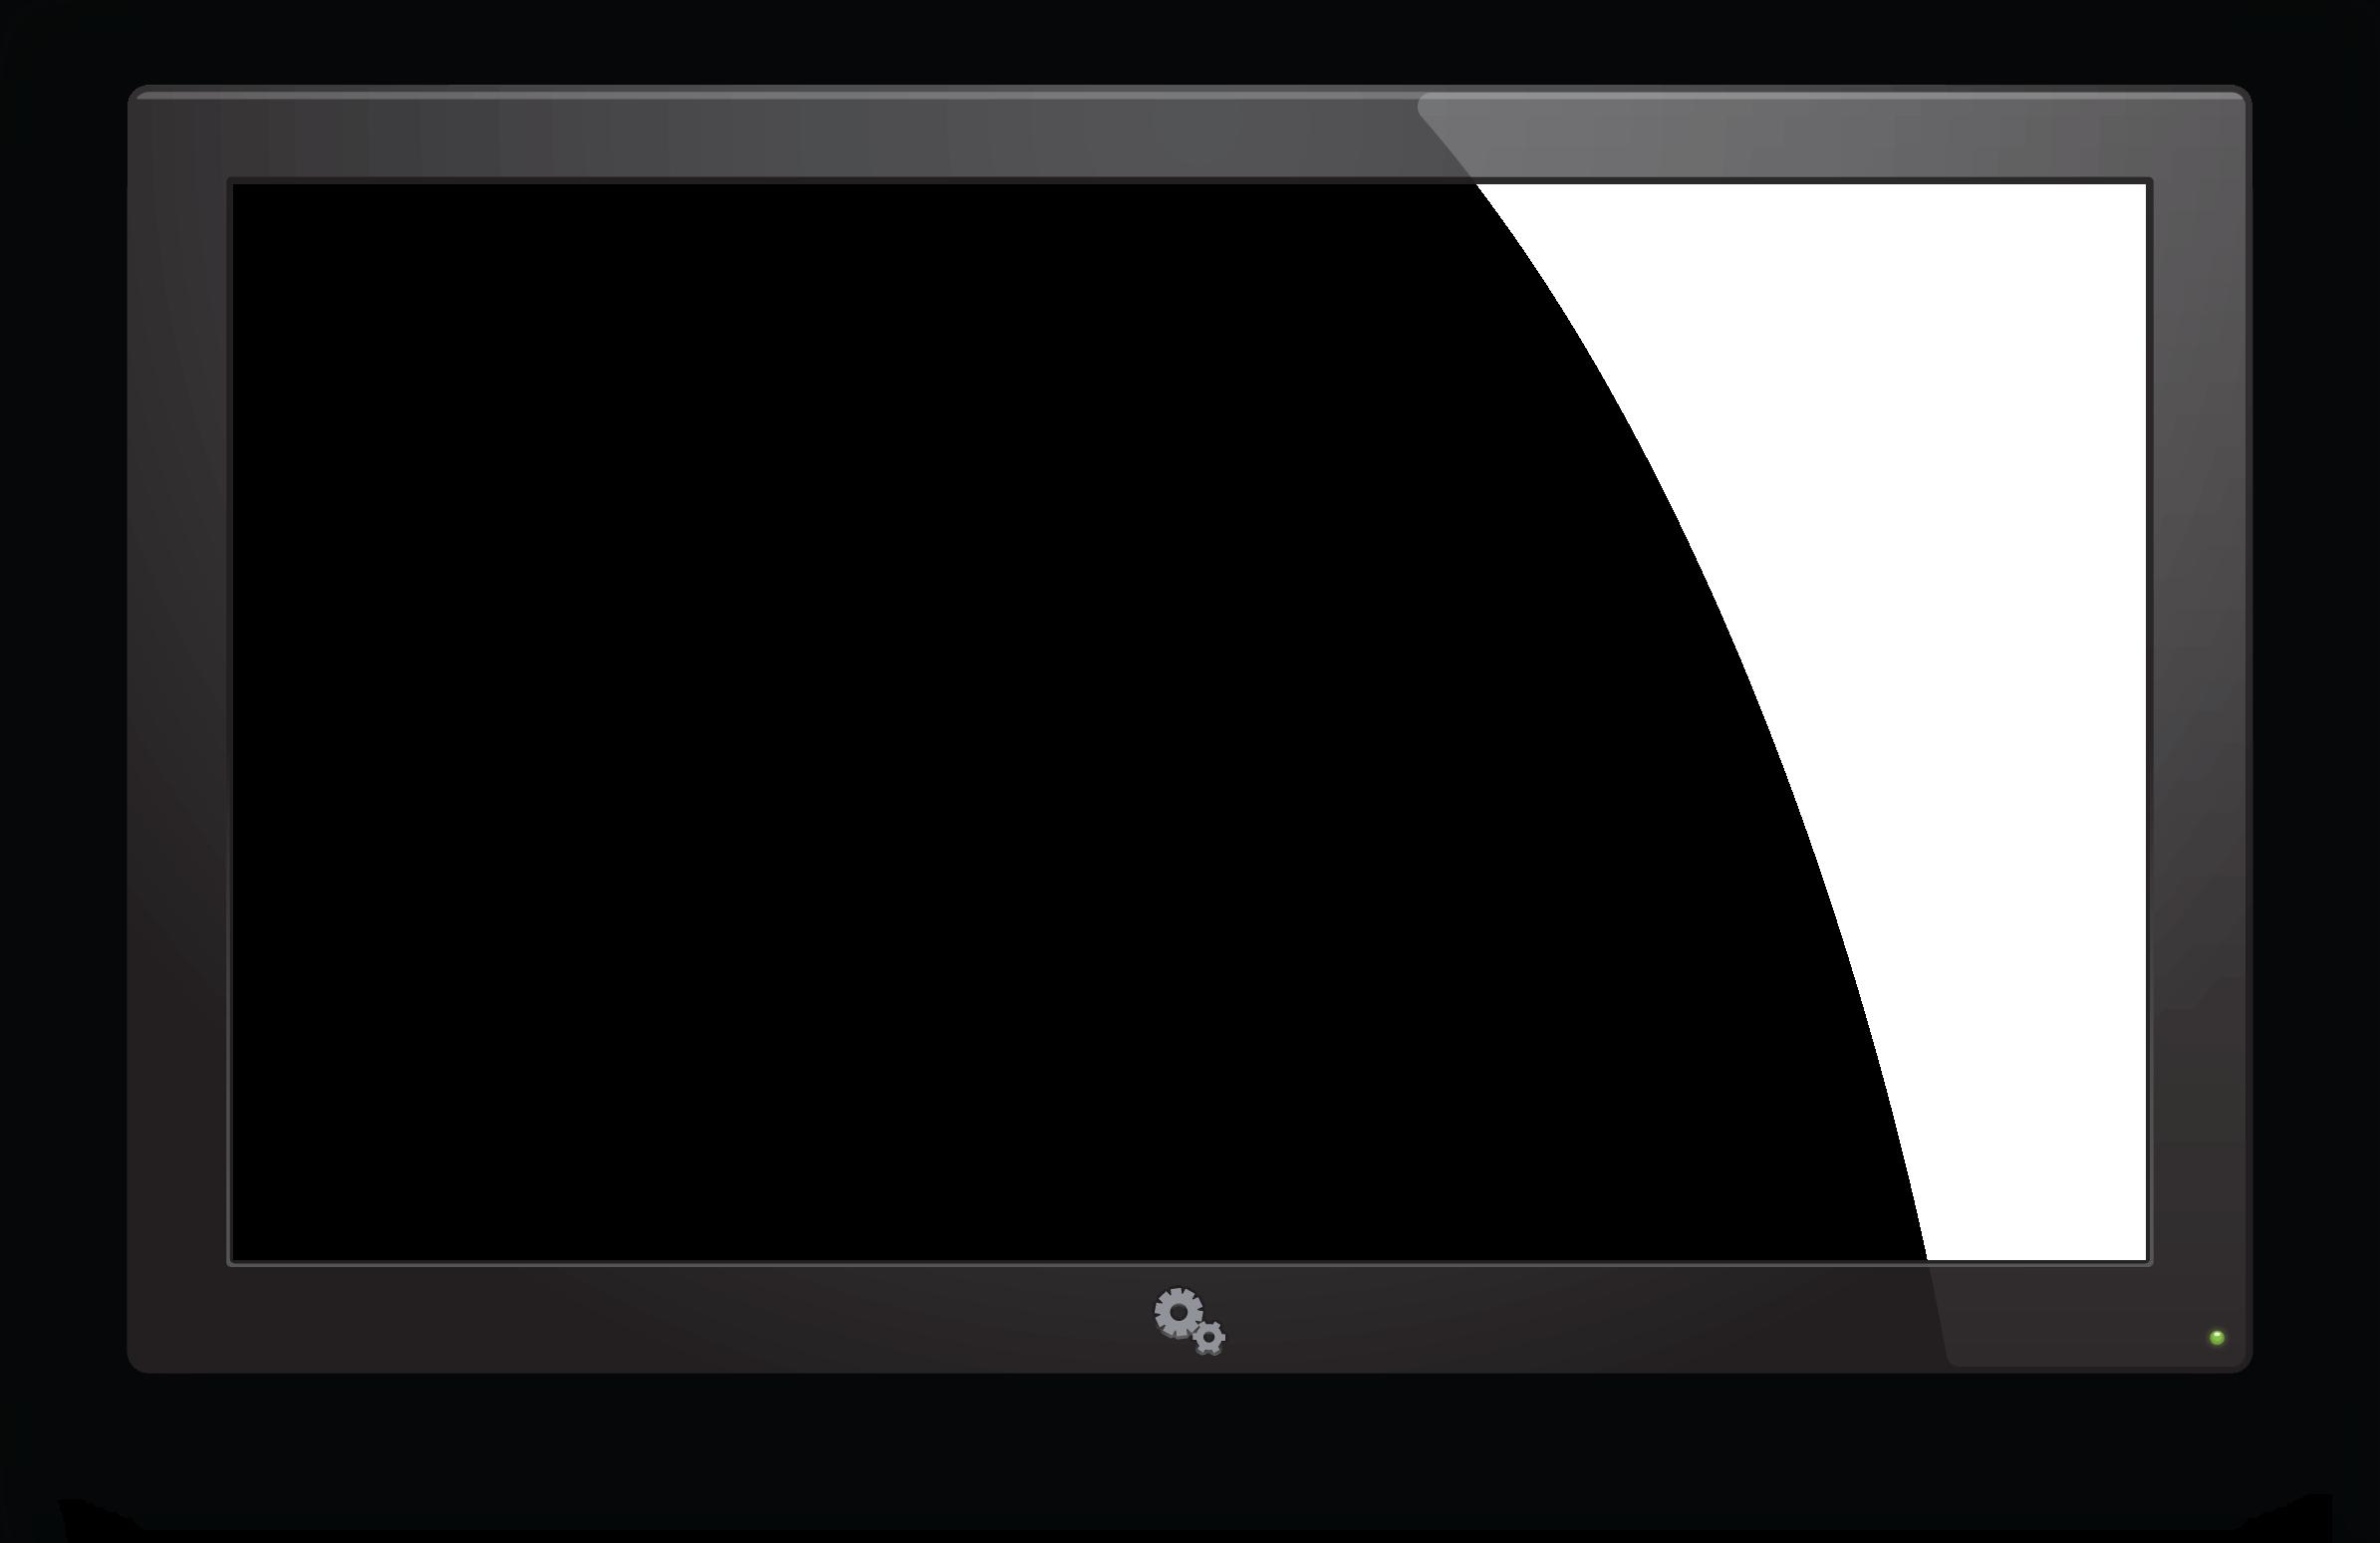 download old tv png image hq png image freepngimg. Black Bedroom Furniture Sets. Home Design Ideas